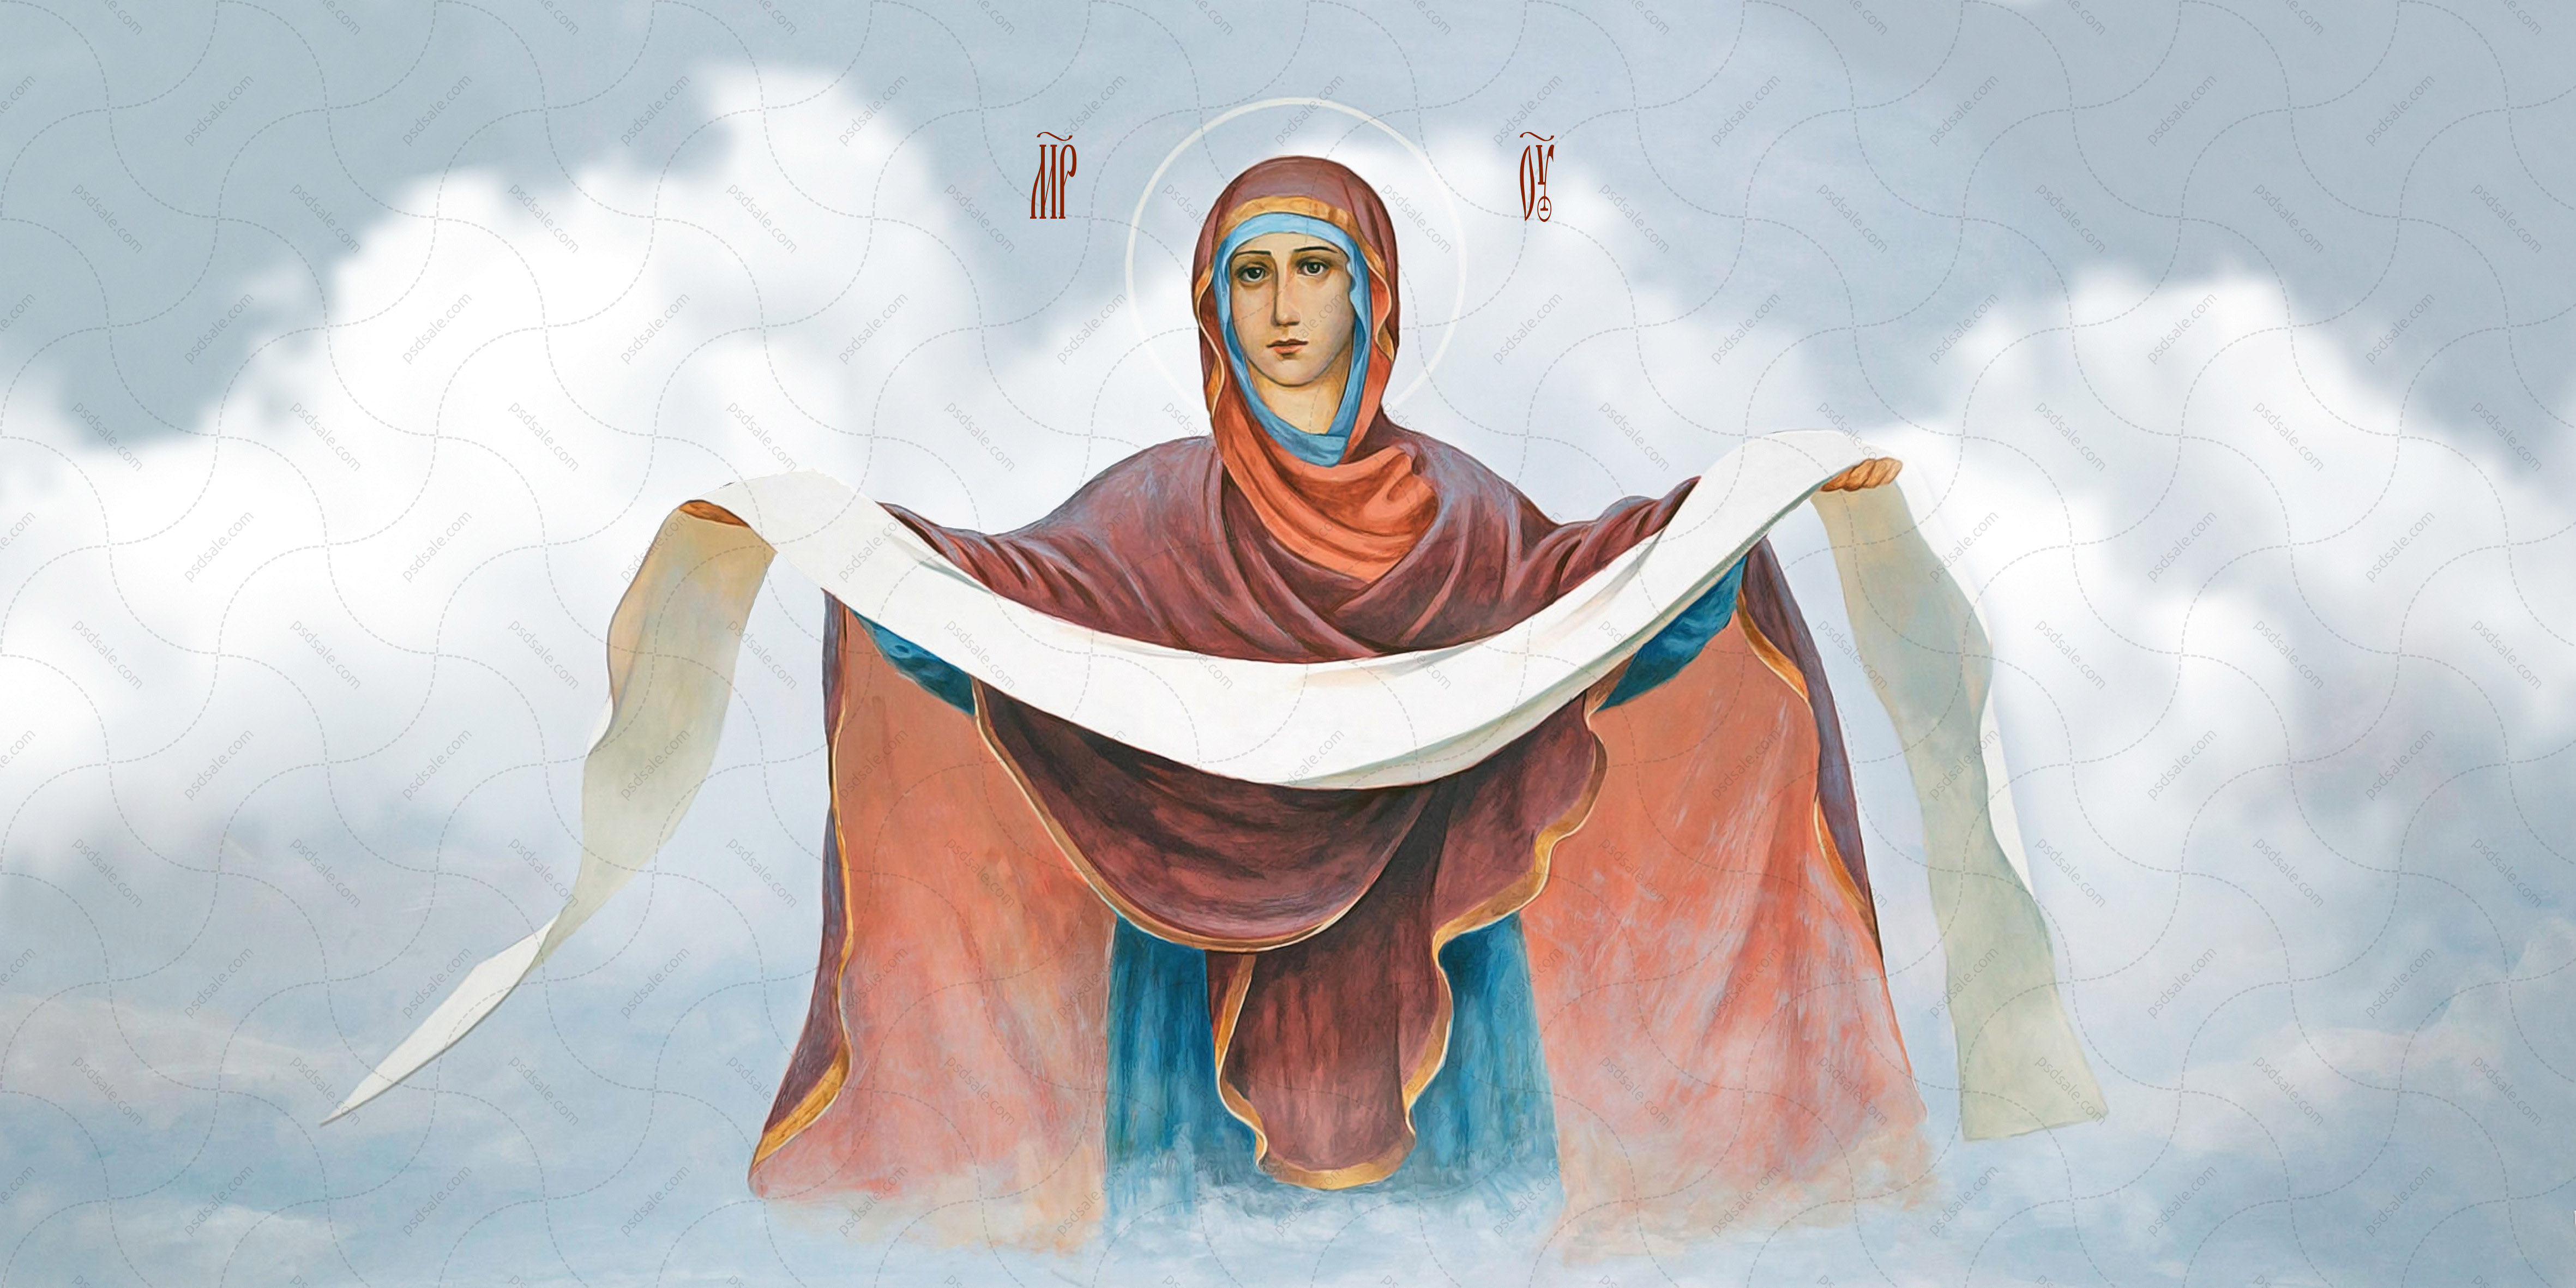 Покрова икона божьей матери